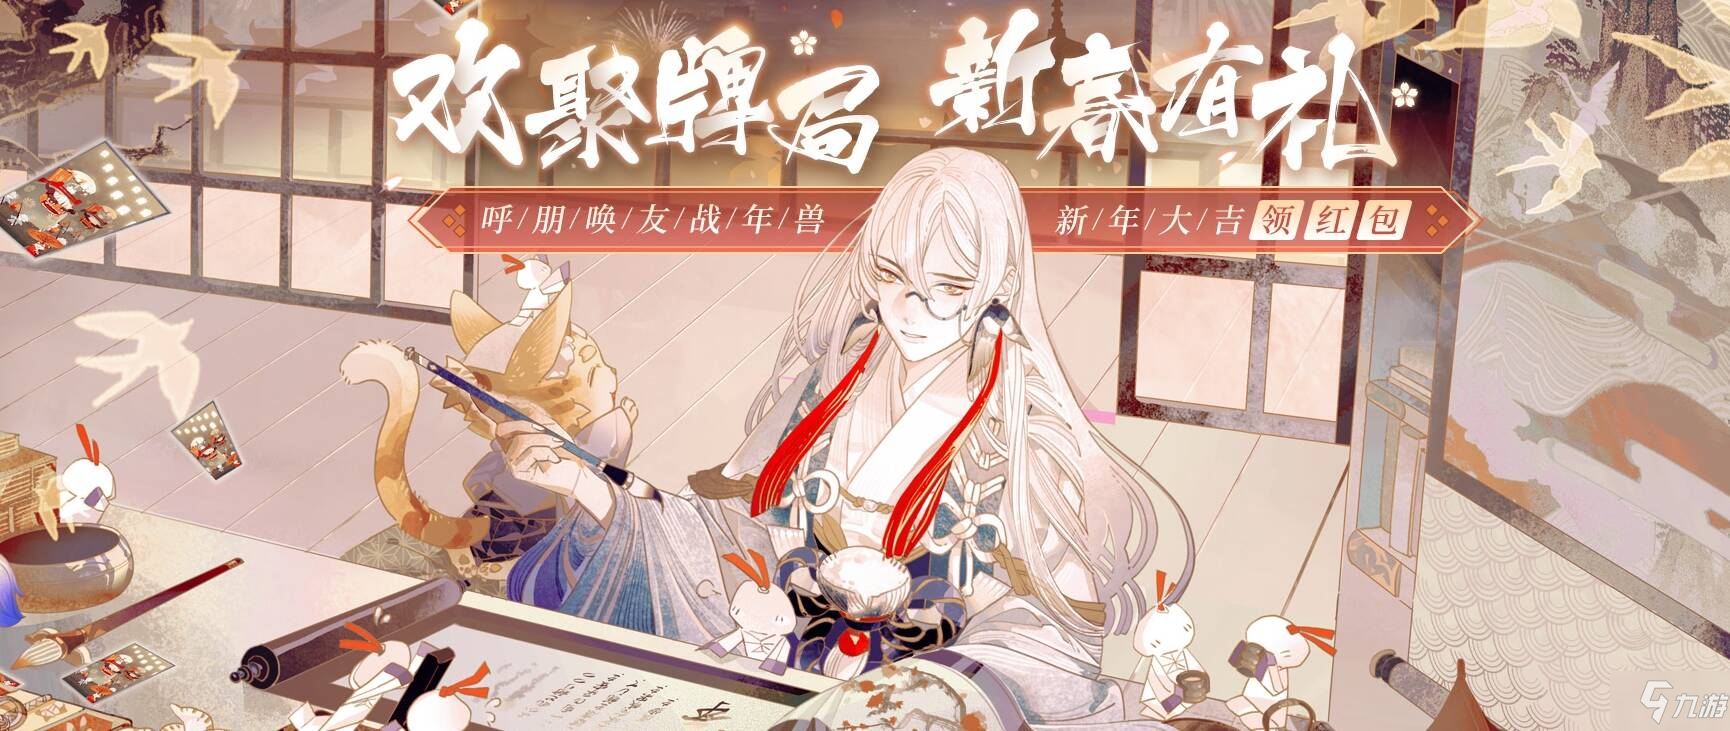 http://www.youxixj.com/yejiexinwen/208382.html